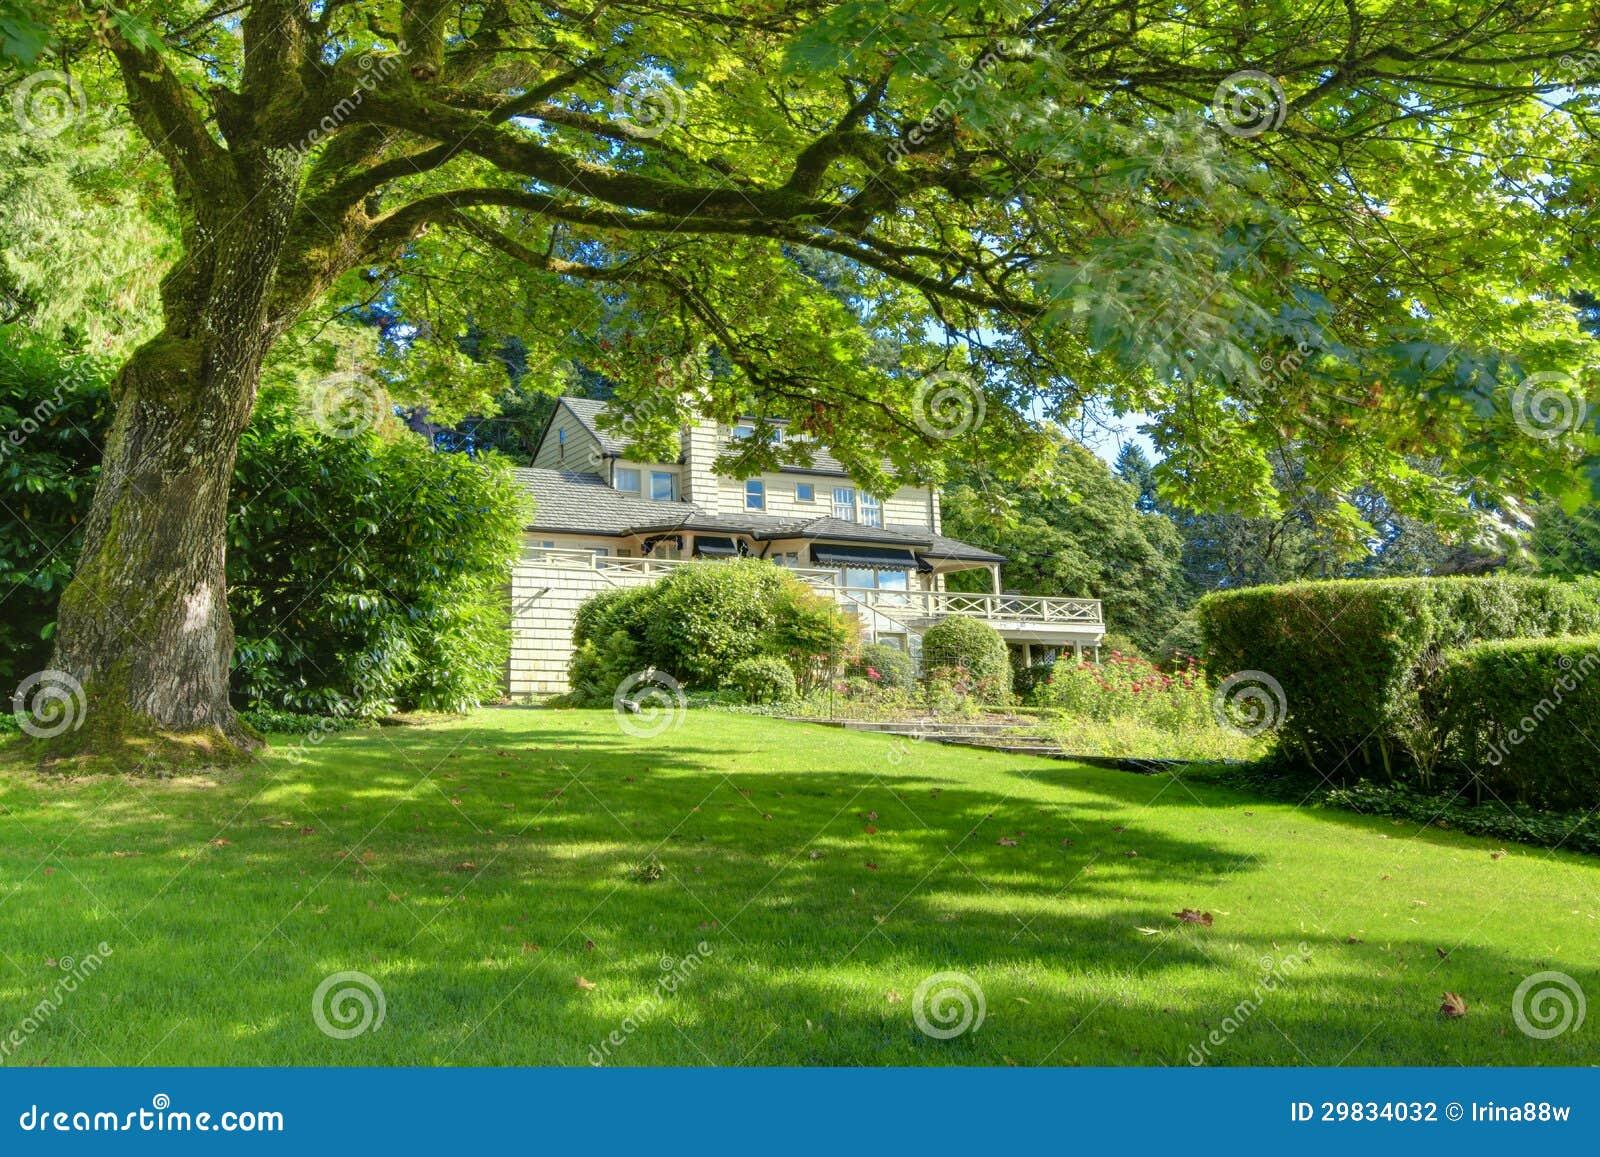 Casa marr n grande exterior con el jard n verde del verano fotograf a de archivo imagen 29834032 for Grand jardin en friche